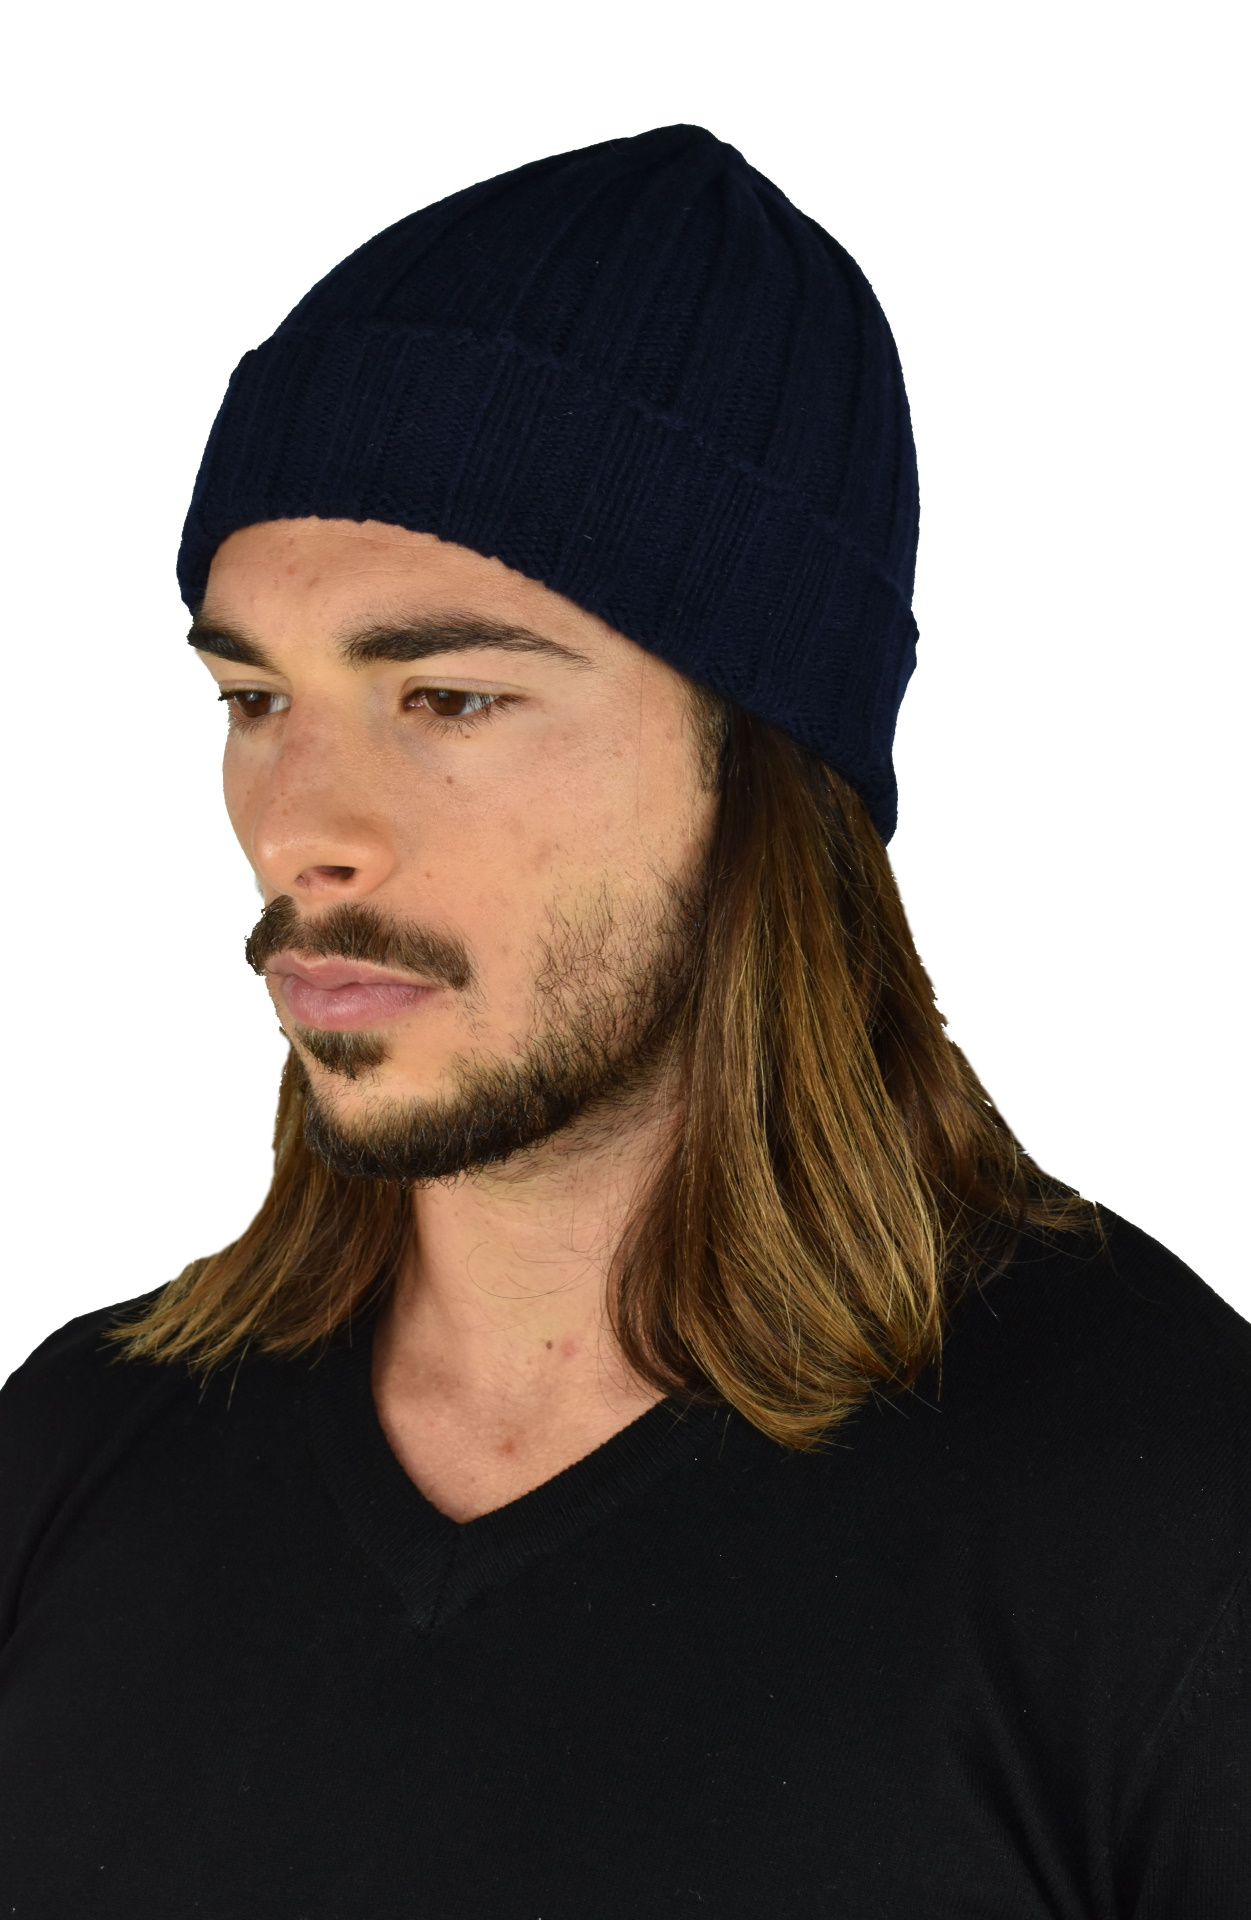 HENRYDARIO NAVY CAPPELLINO UOMO 100 PURO CASHMERE 1 1stAmerican cappellino 100% puro cashmere Made in Italy da uomo - caldo berretto invernale a coste larghe